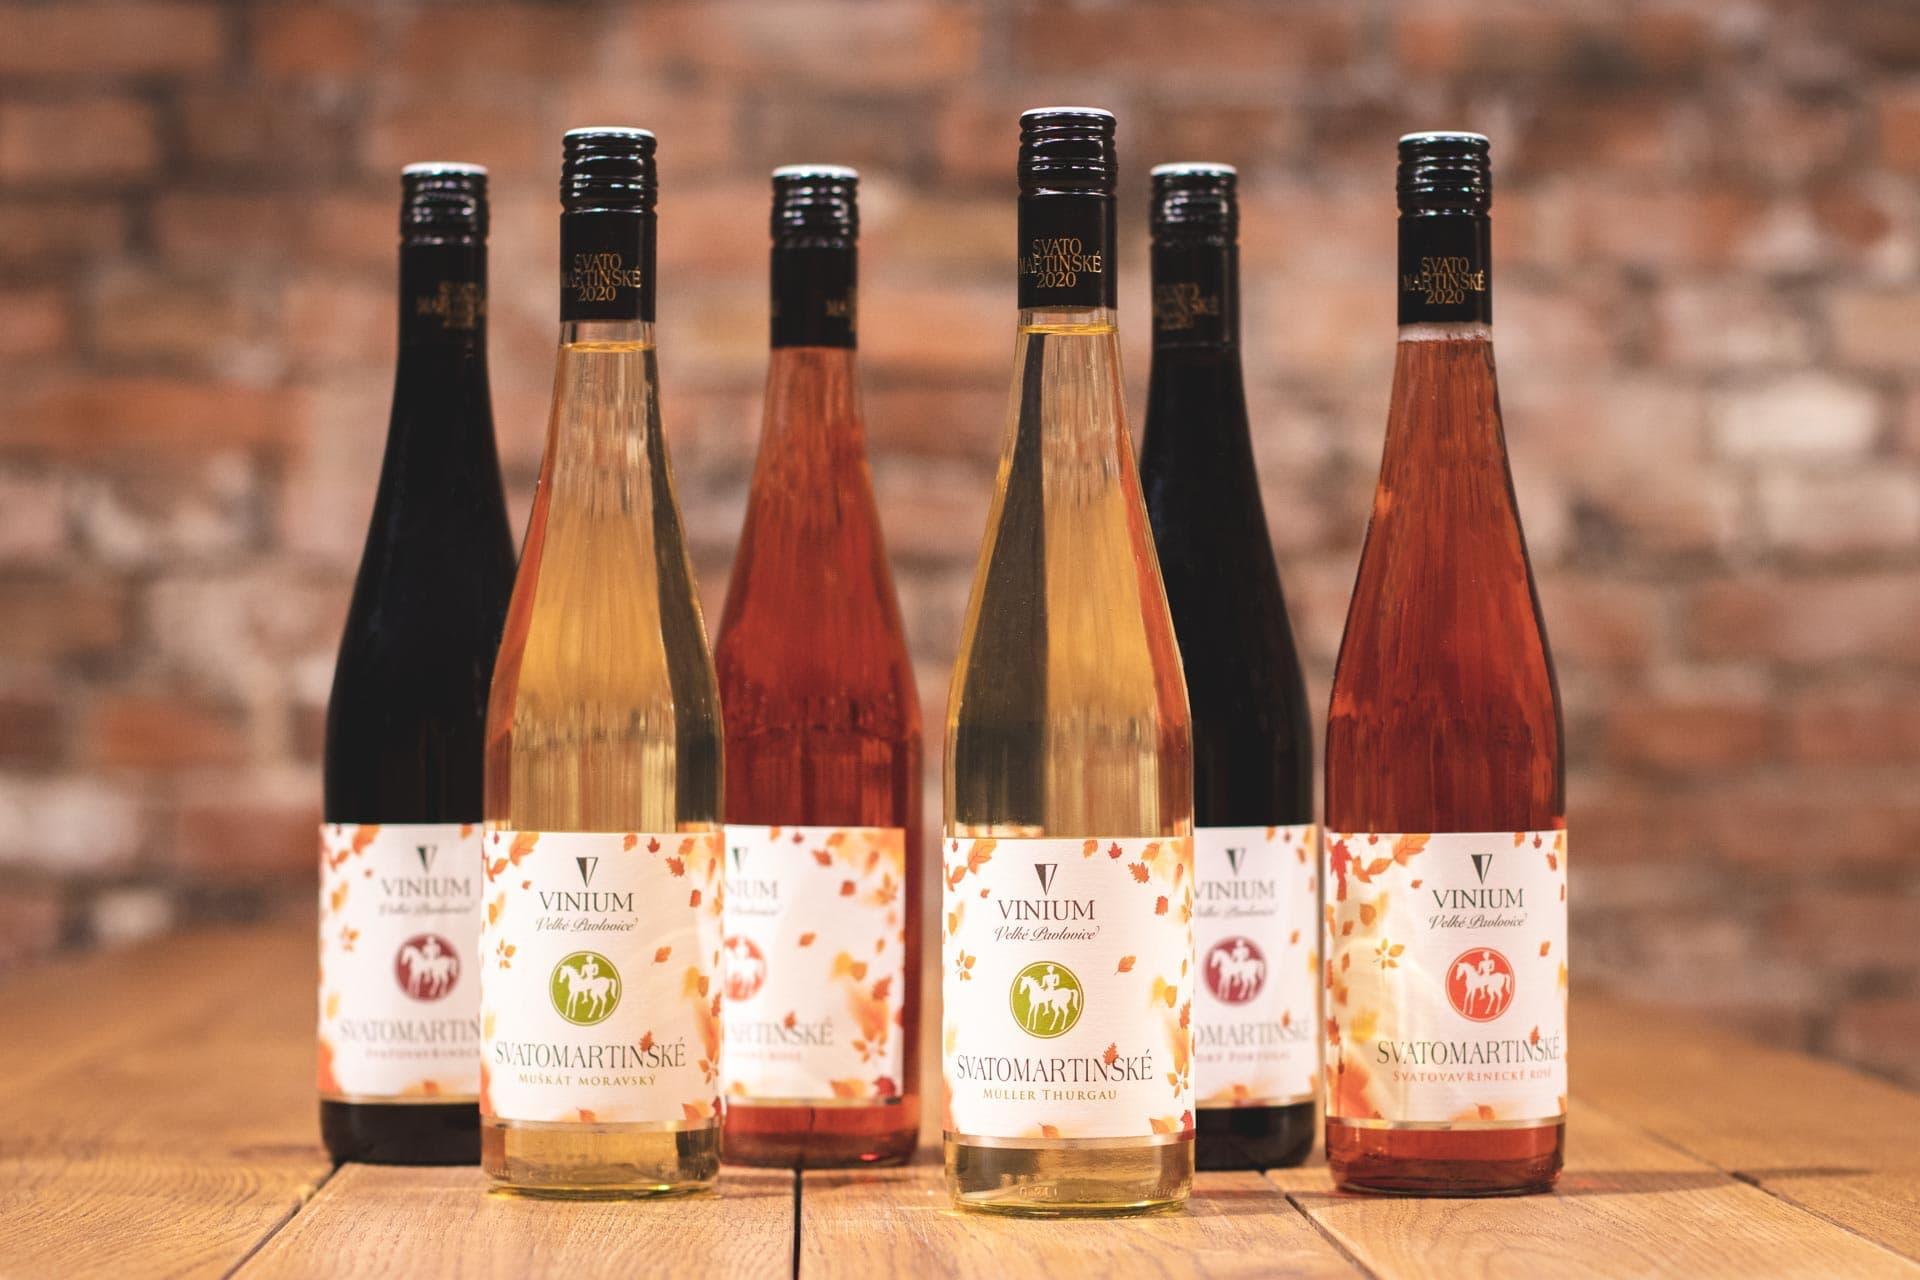 Svatomartinské víno, VINIUM, svatý Martin, mladé víno, bílé víno, červené víno, růžové víno